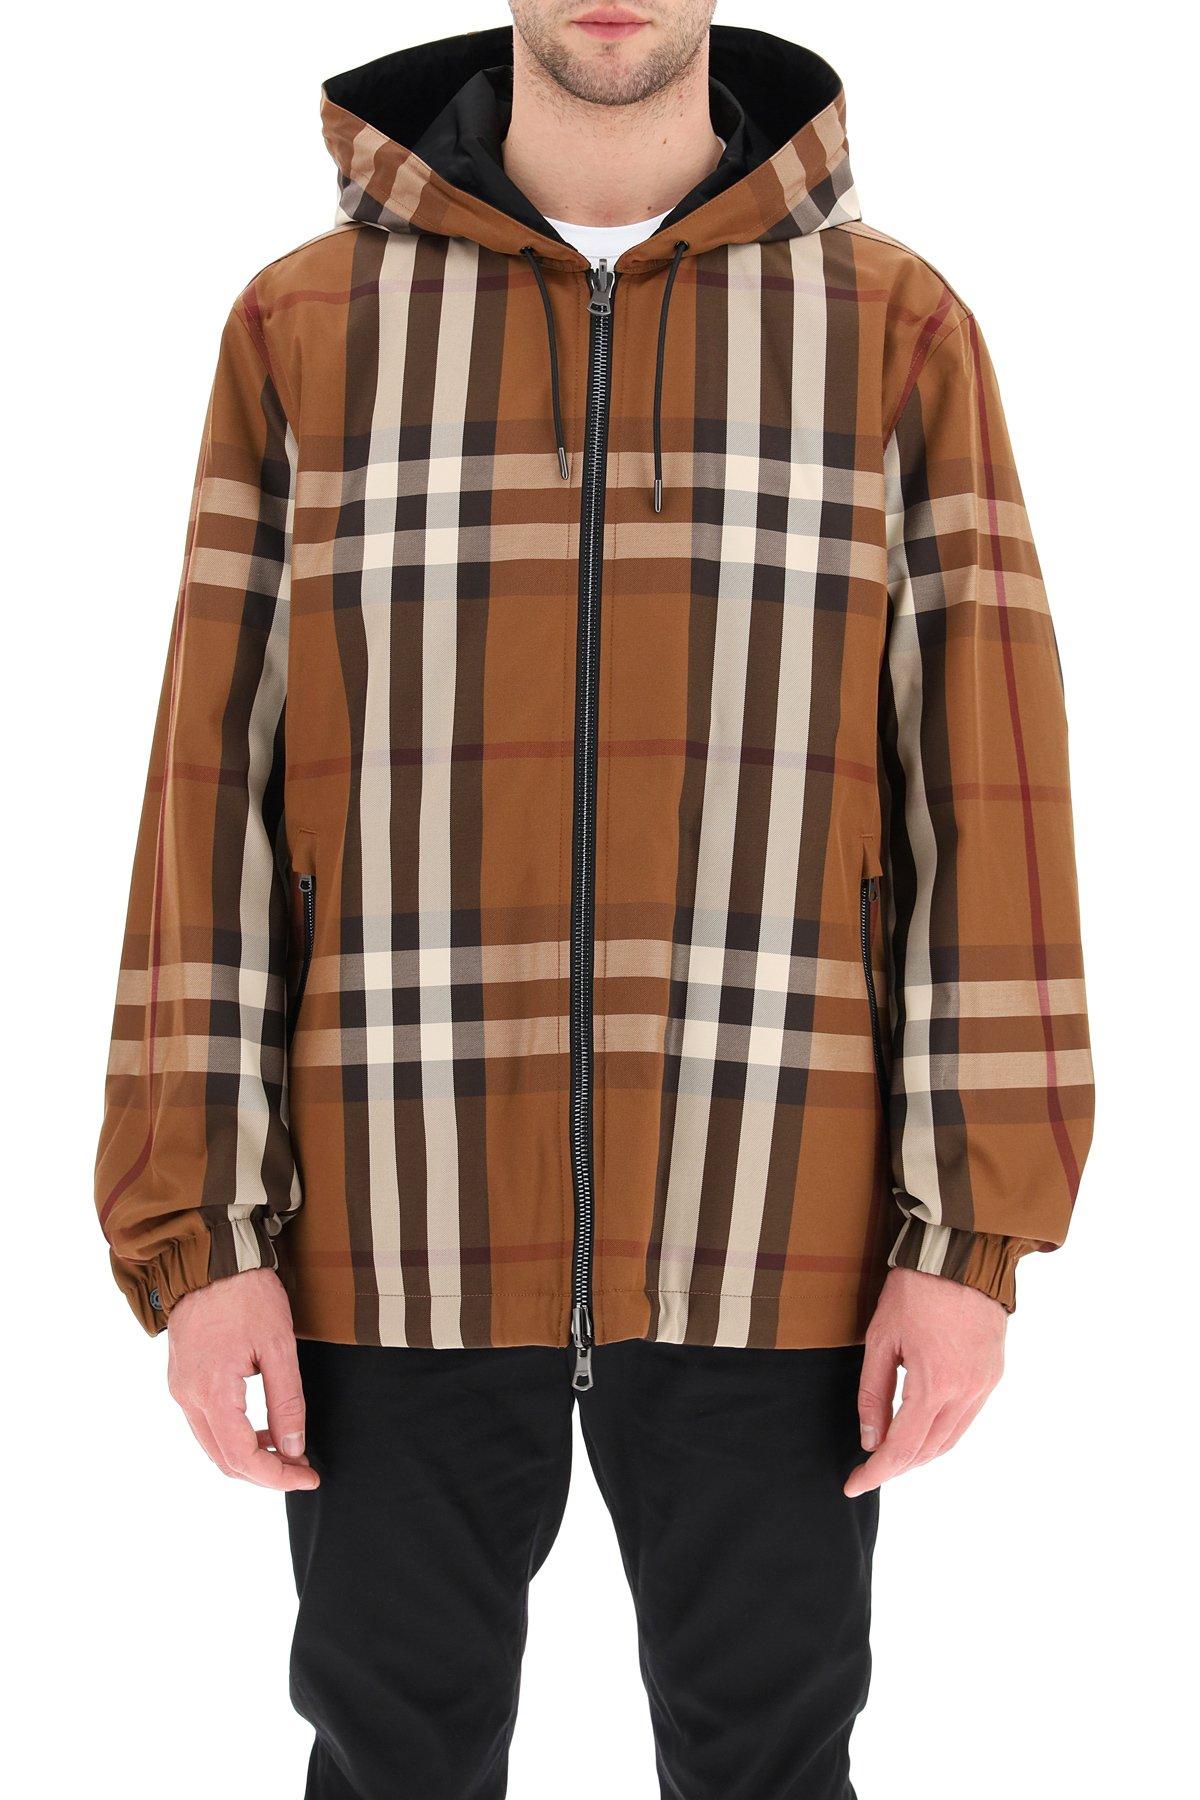 Burberry giacca reversibile con cappuccio